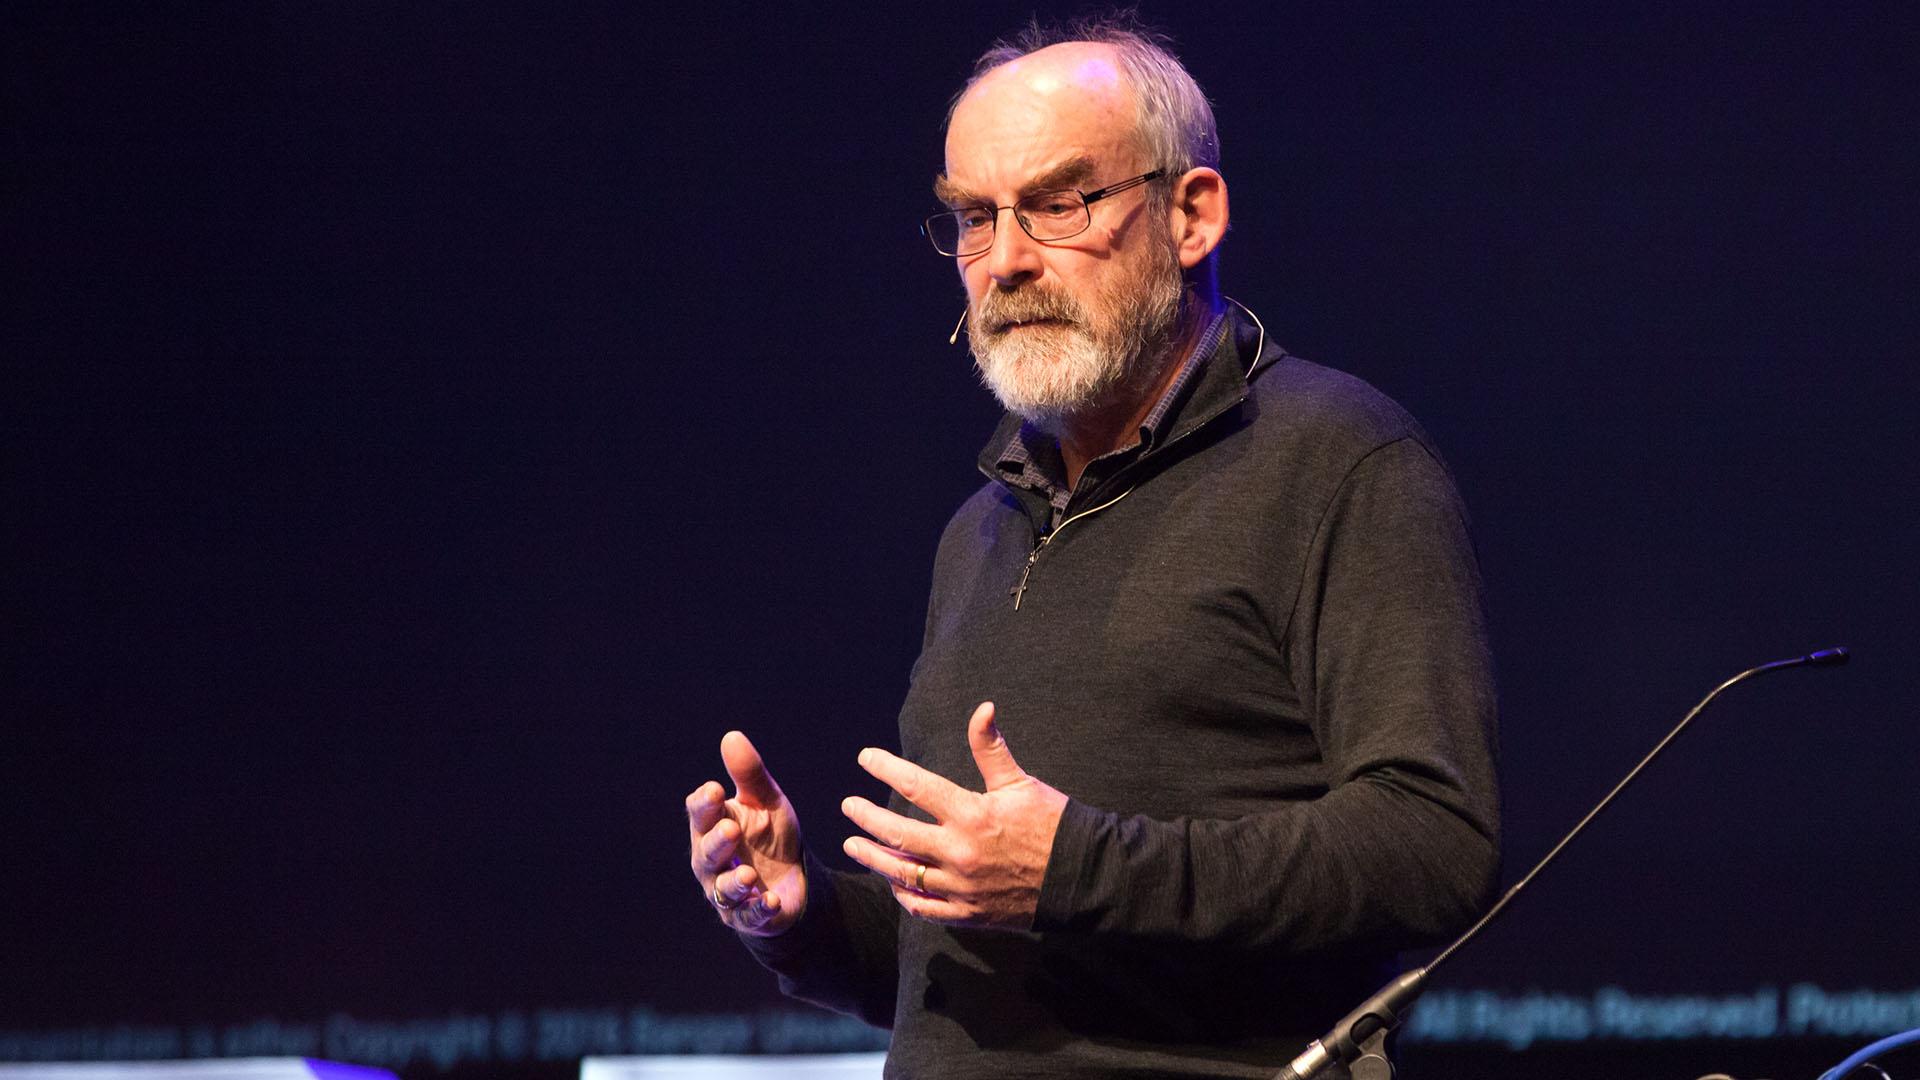 Dave Snowden es filósofo, especialista en gestión del conocimiento y creador del sistema Cynefin